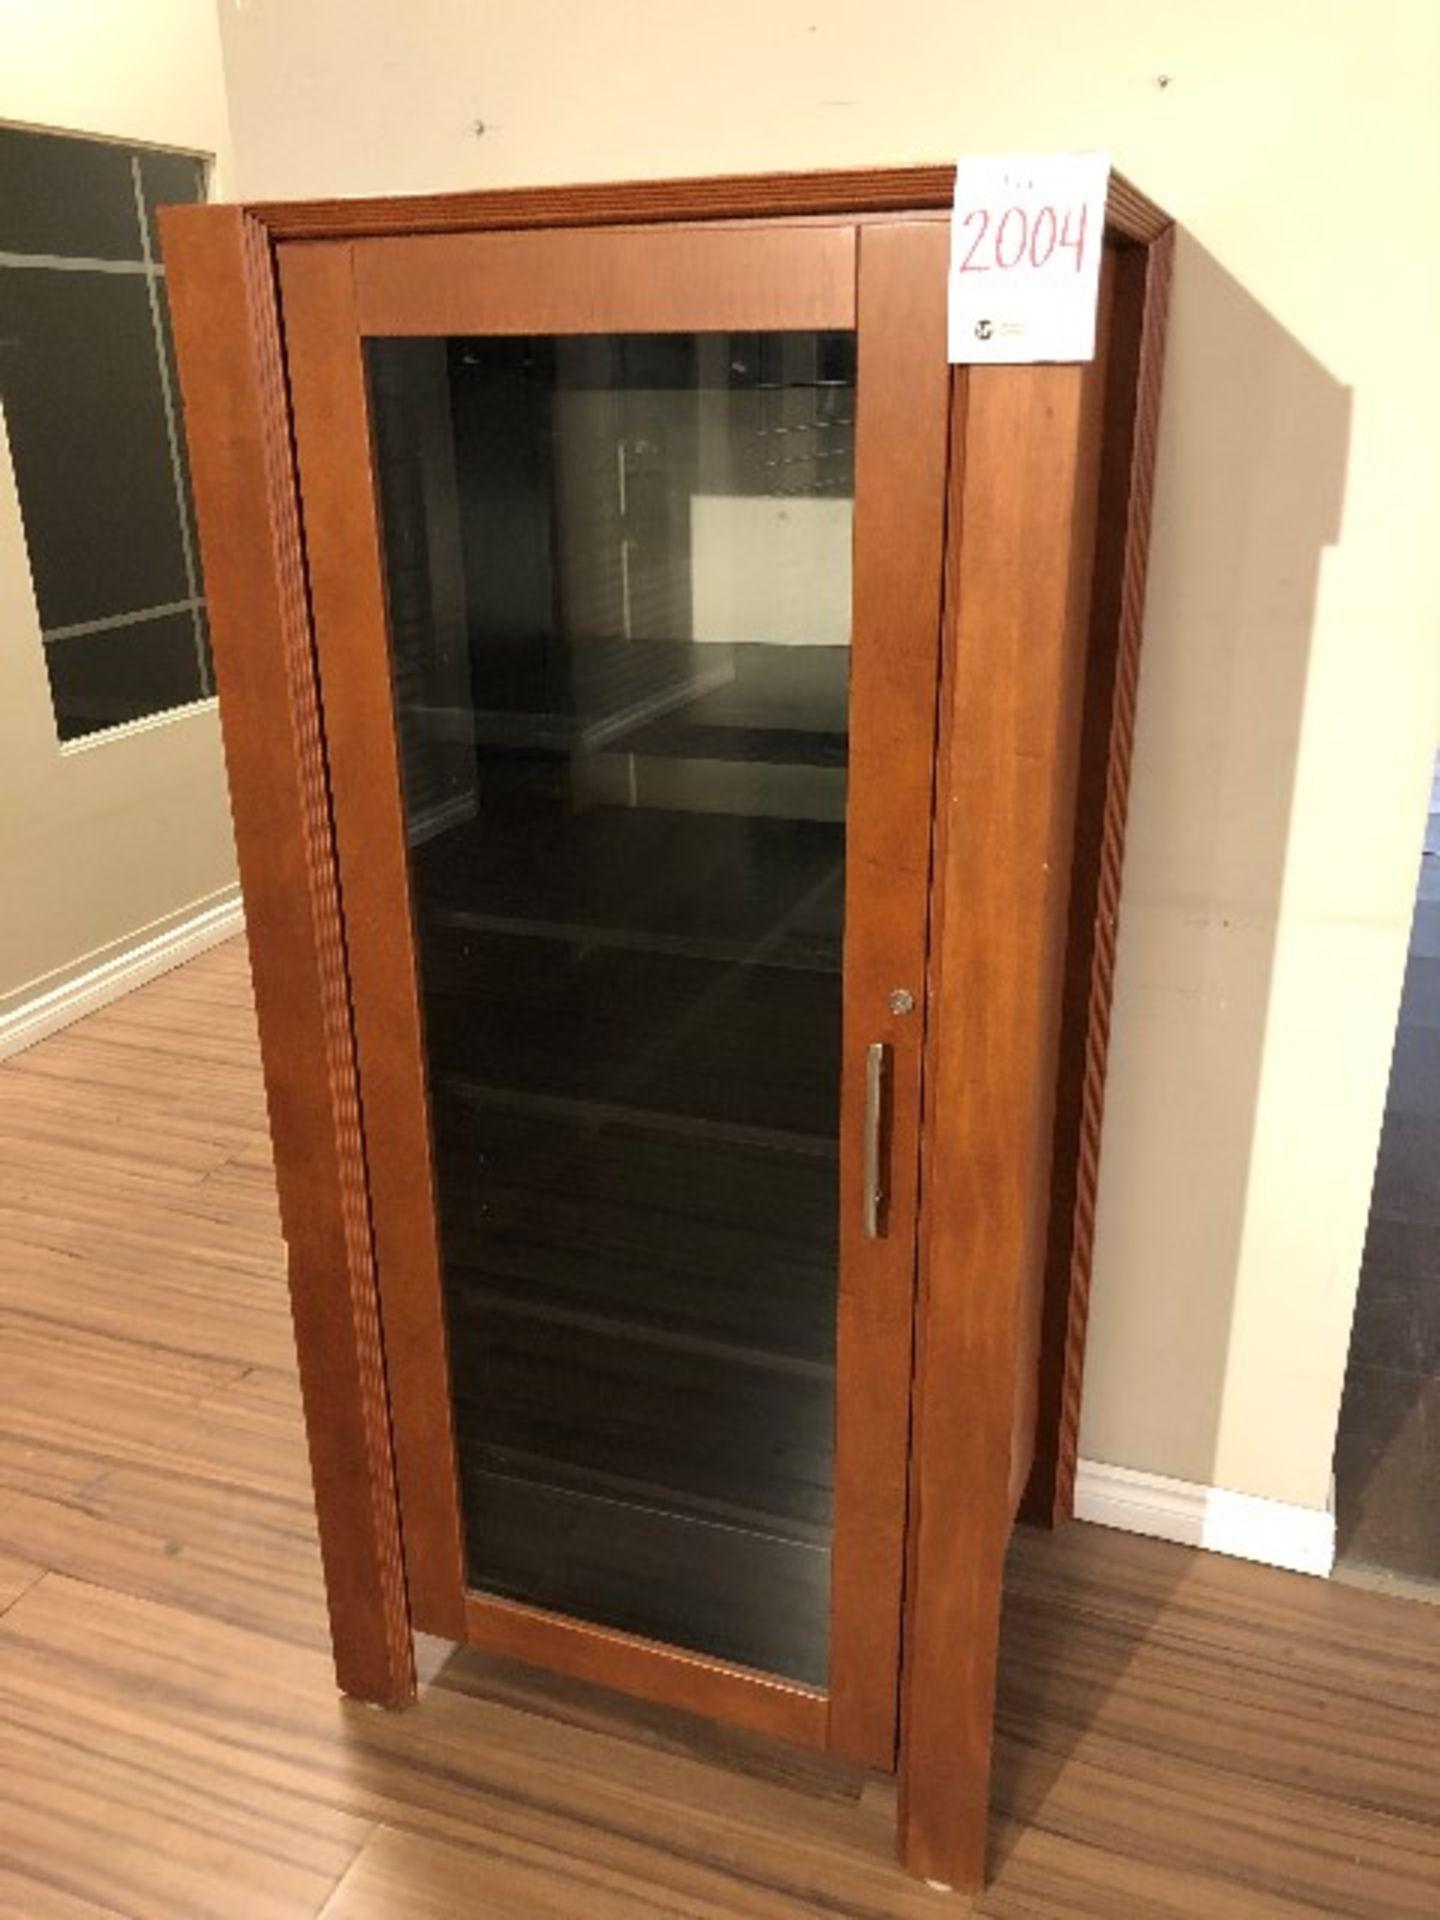 """Lot 2004 - Audio/video cabinet unit, 32""""x24""""x66"""""""